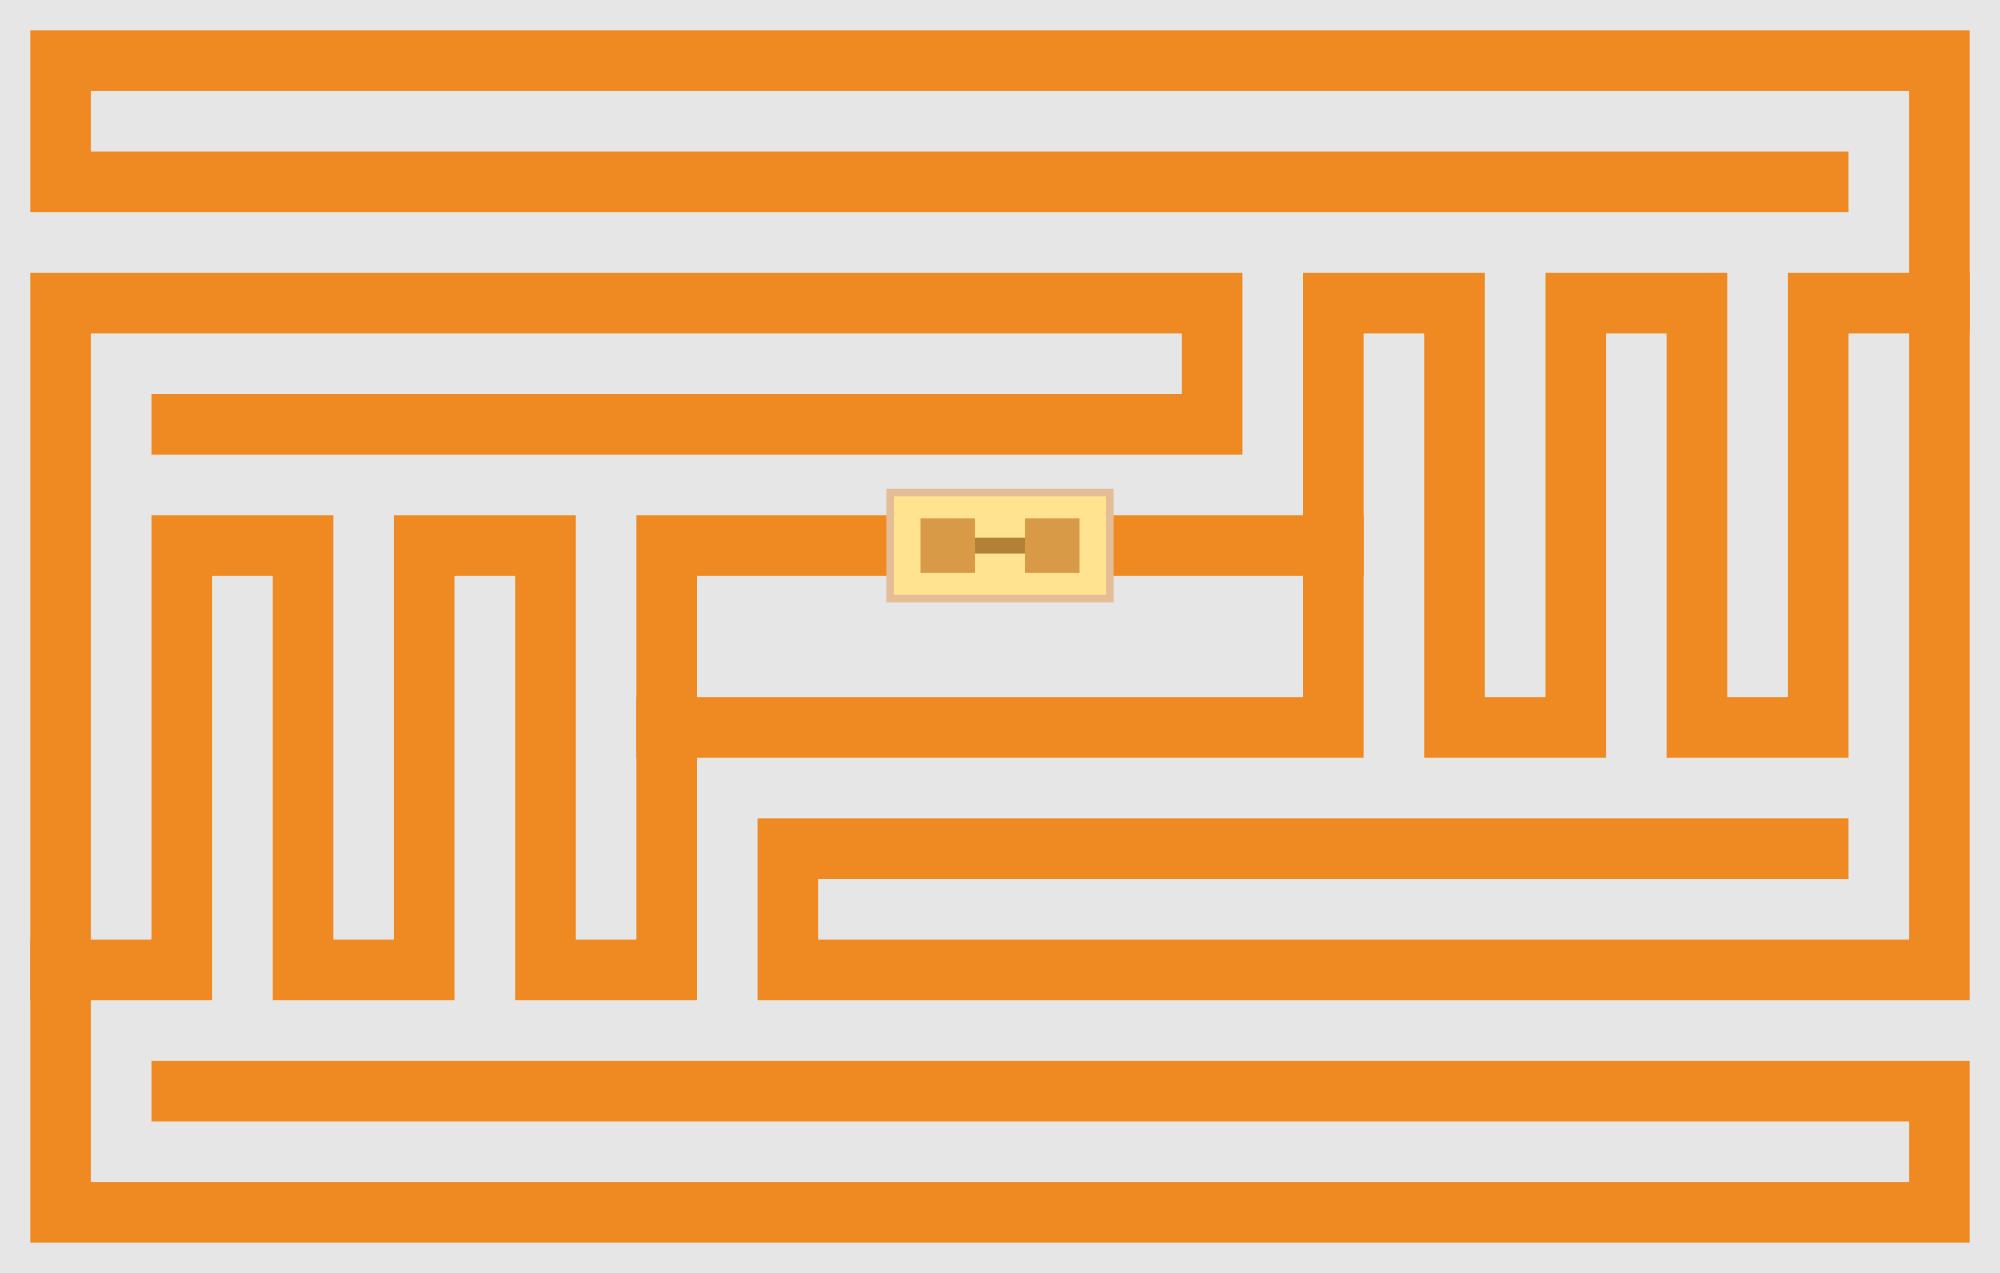 EPC RFID Tags